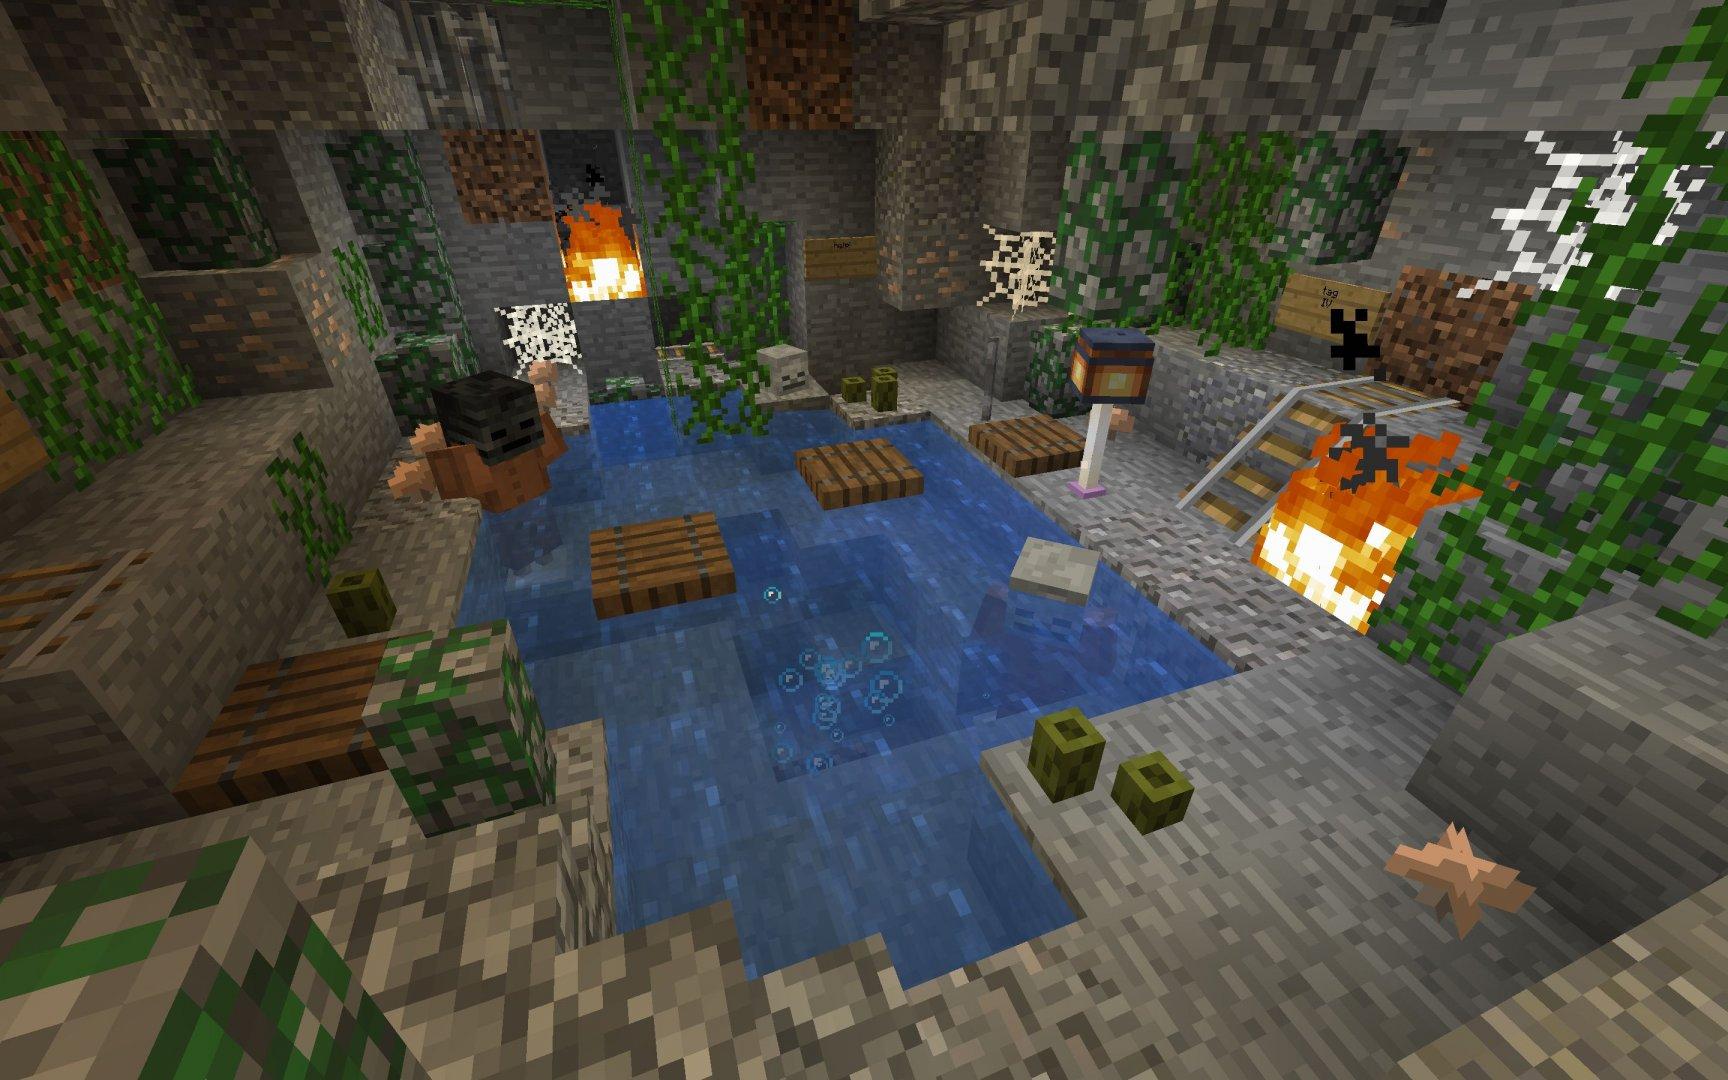 höhle see _.jpg